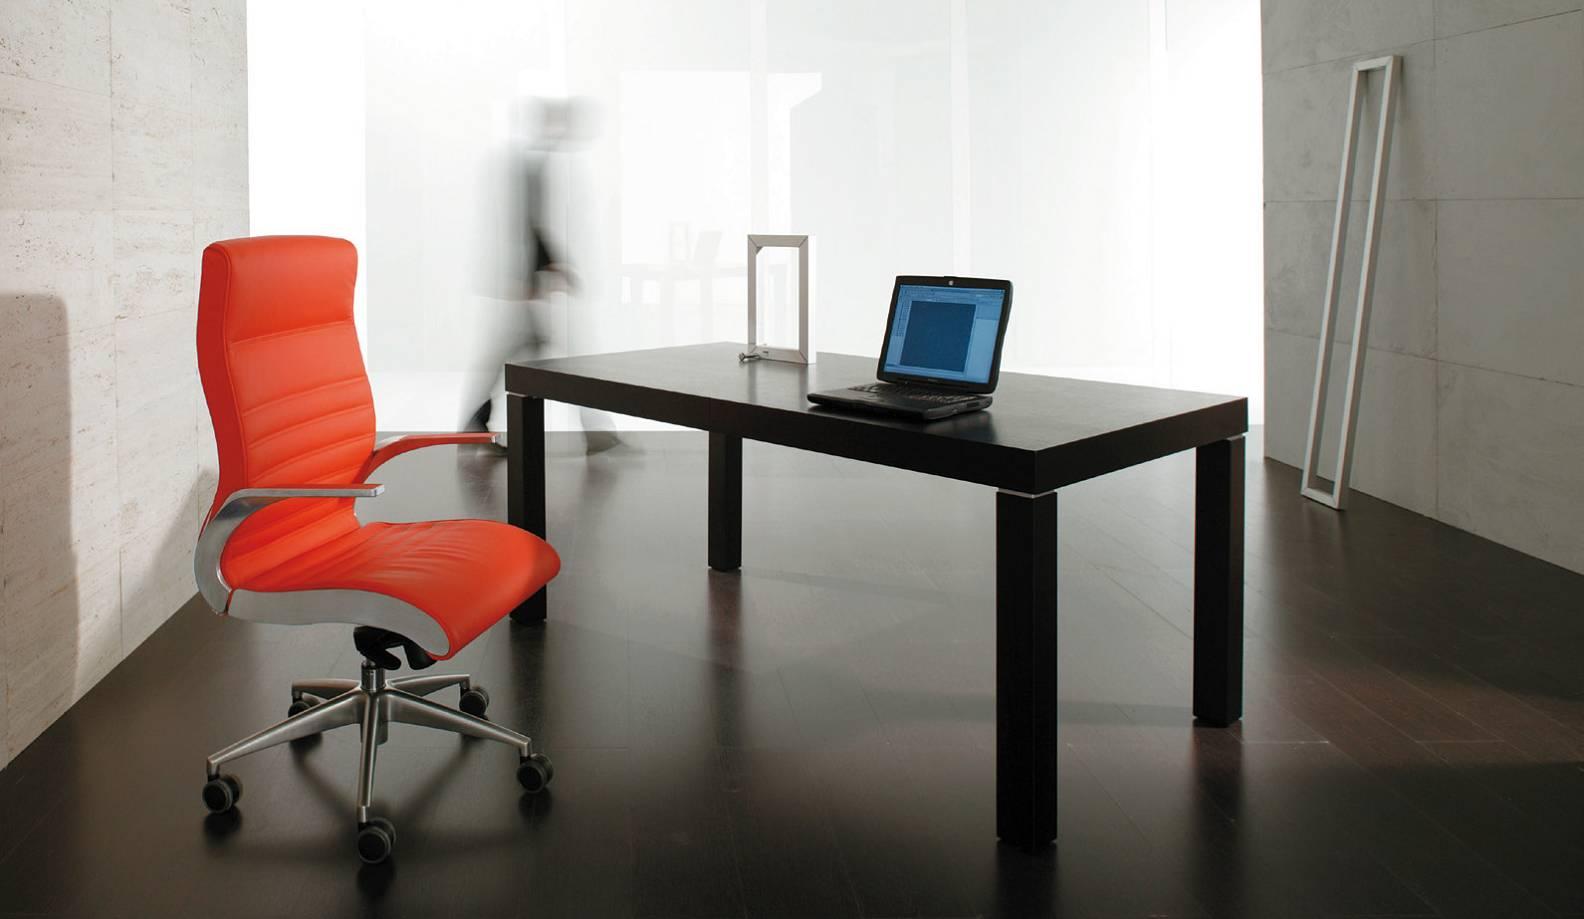 sedute_direzionali_luxy_serie_synchrony_ergonomica_fissa_ufficio_alluminio_schienale_alto_medio_alto_rossa